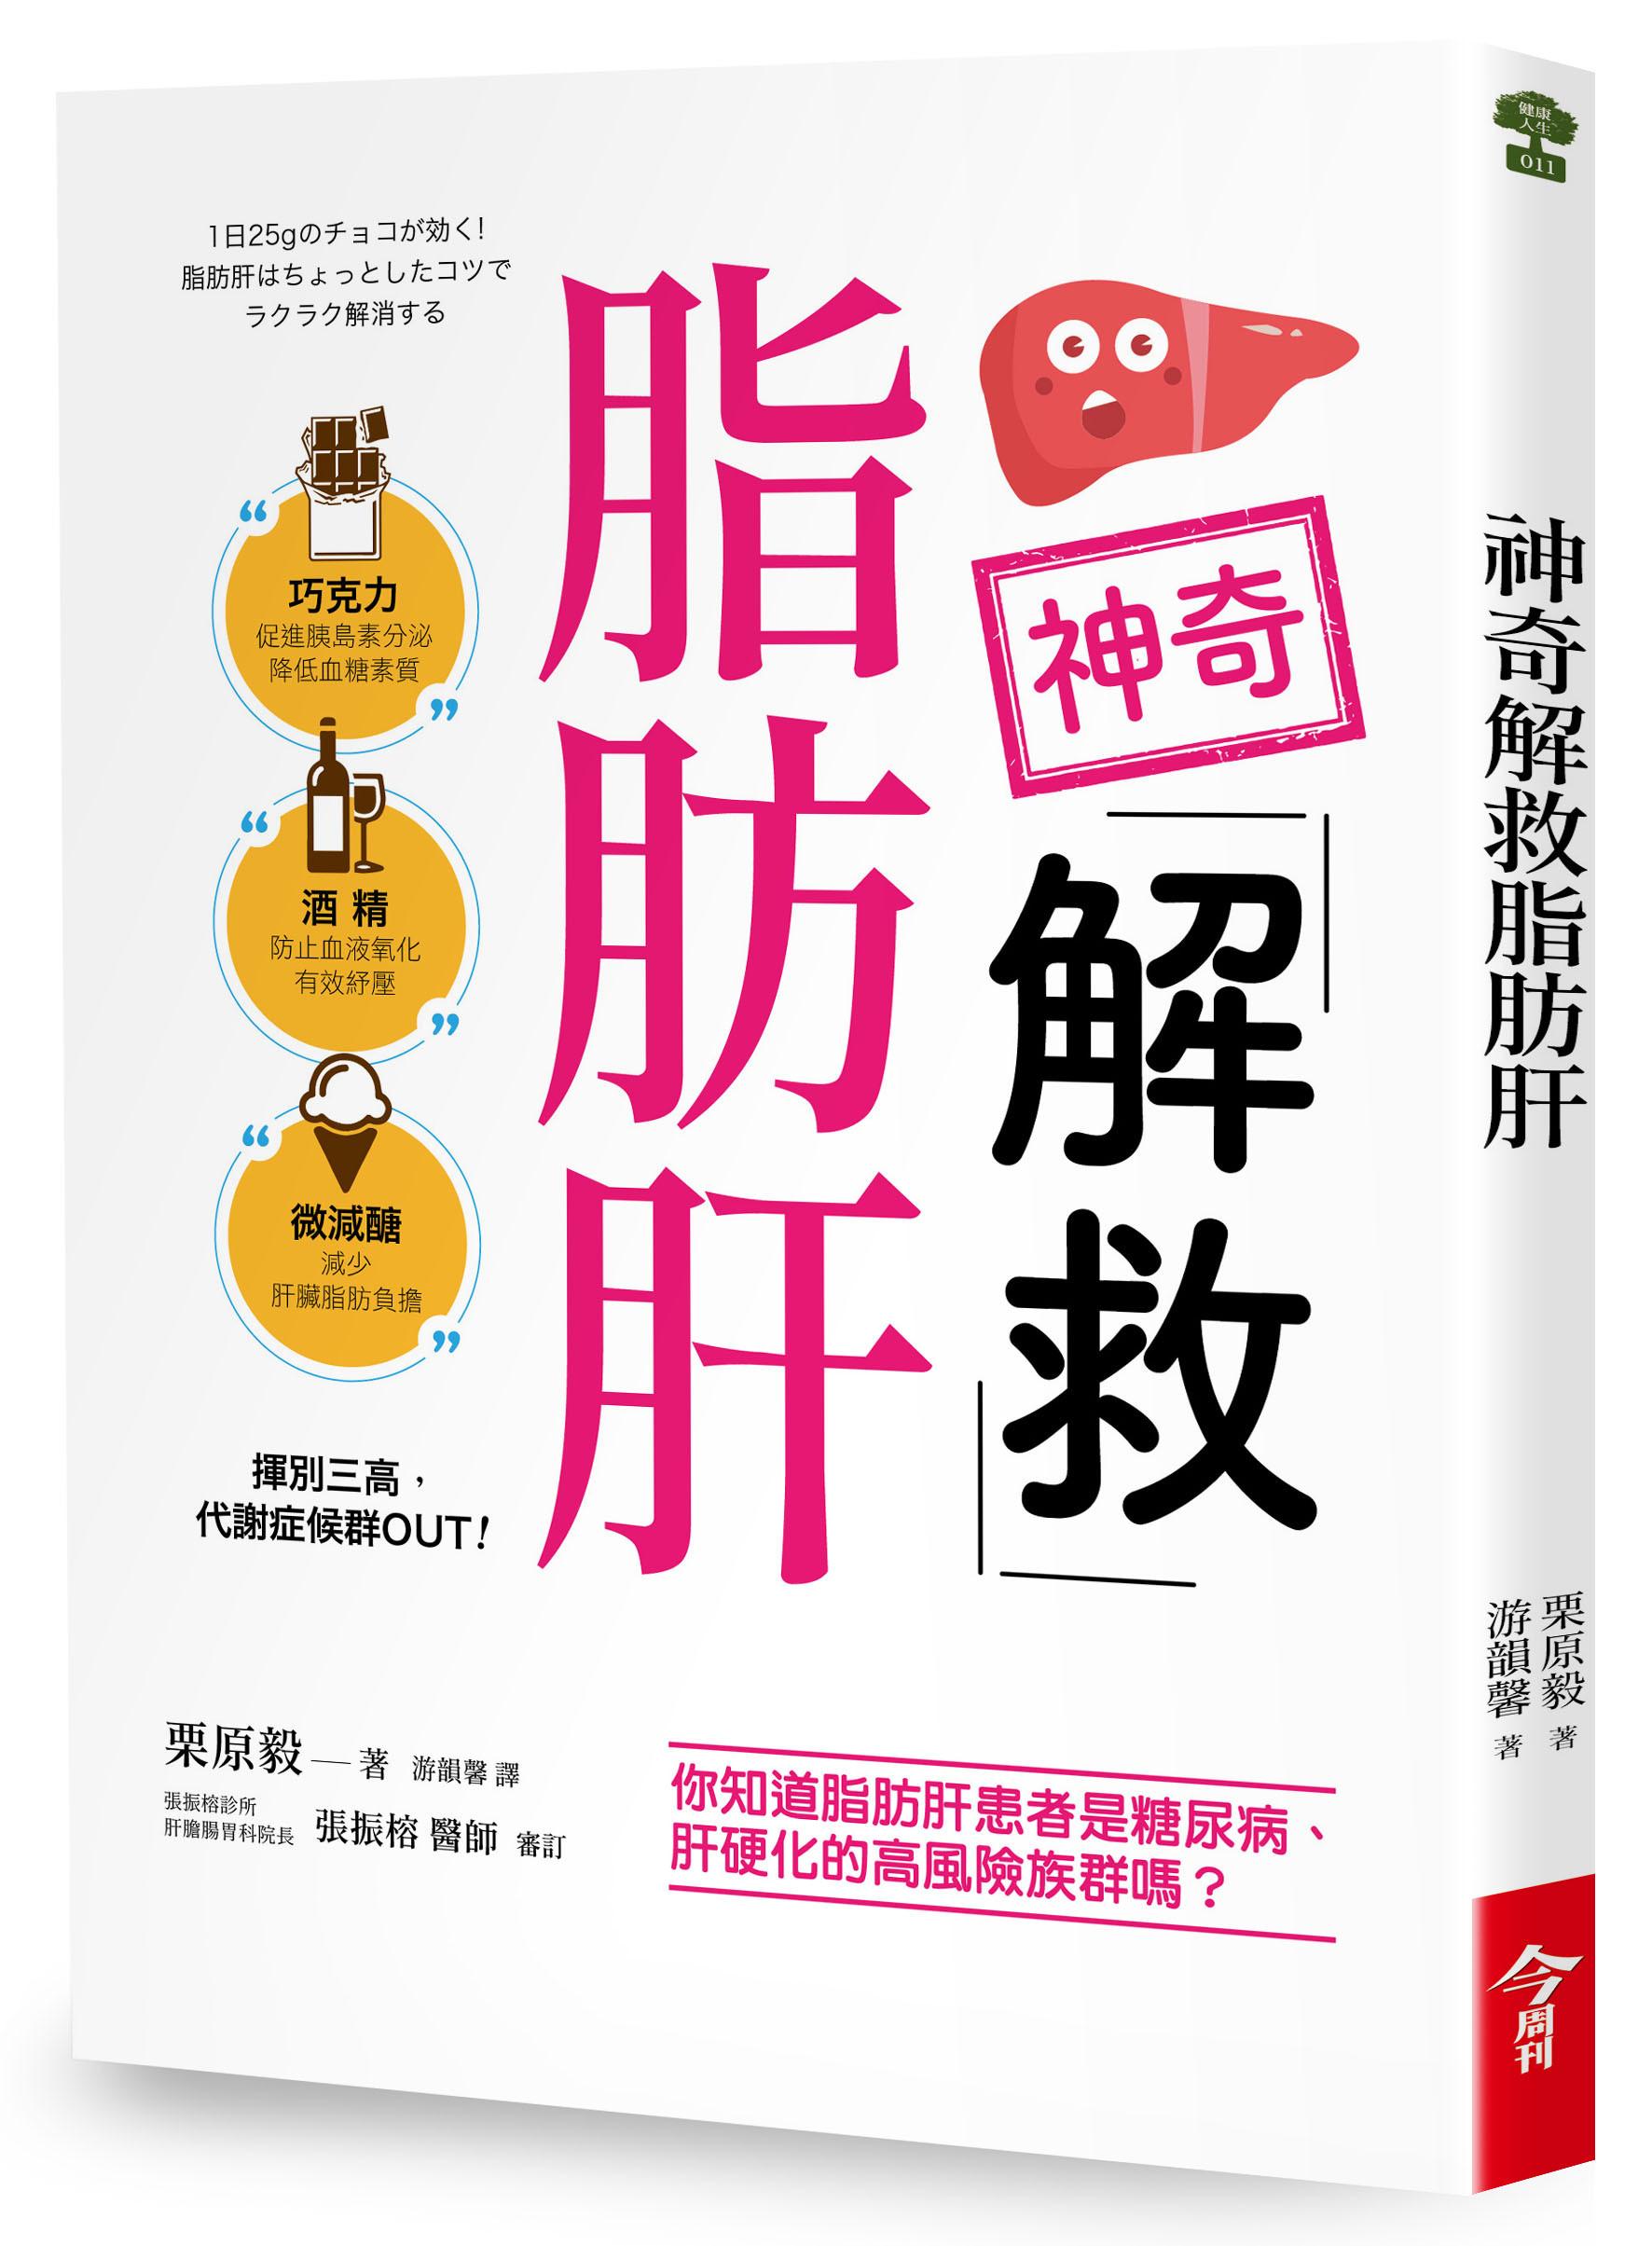 ▲《神奇解救脂肪肝:巧克力、酒精、微減醣,揮別三高,代謝症候群out》。(圖/今周刊提供)